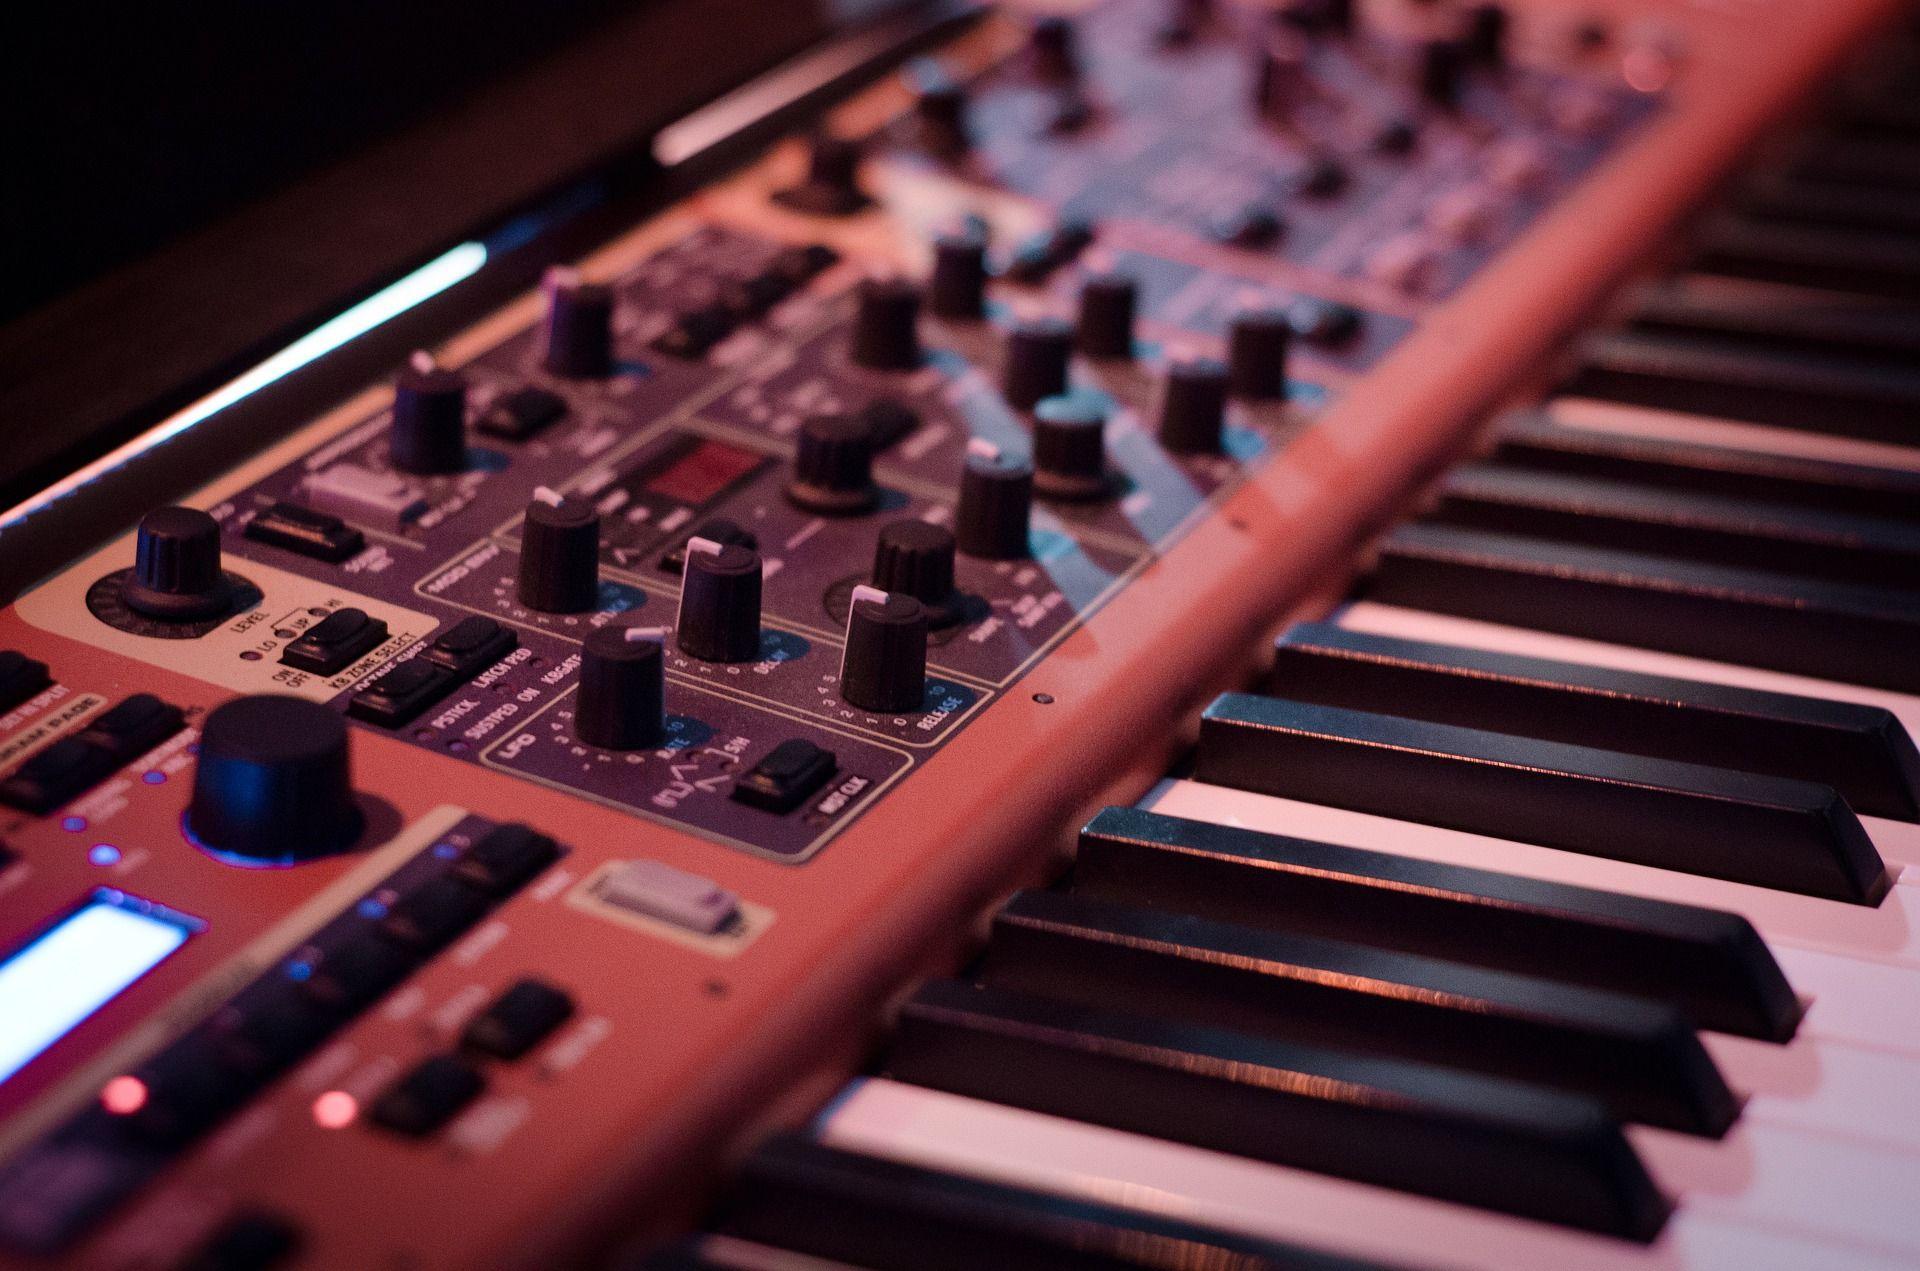 Collega Rámon weet alles over synthesizers en wij hangen aan z'n lippen